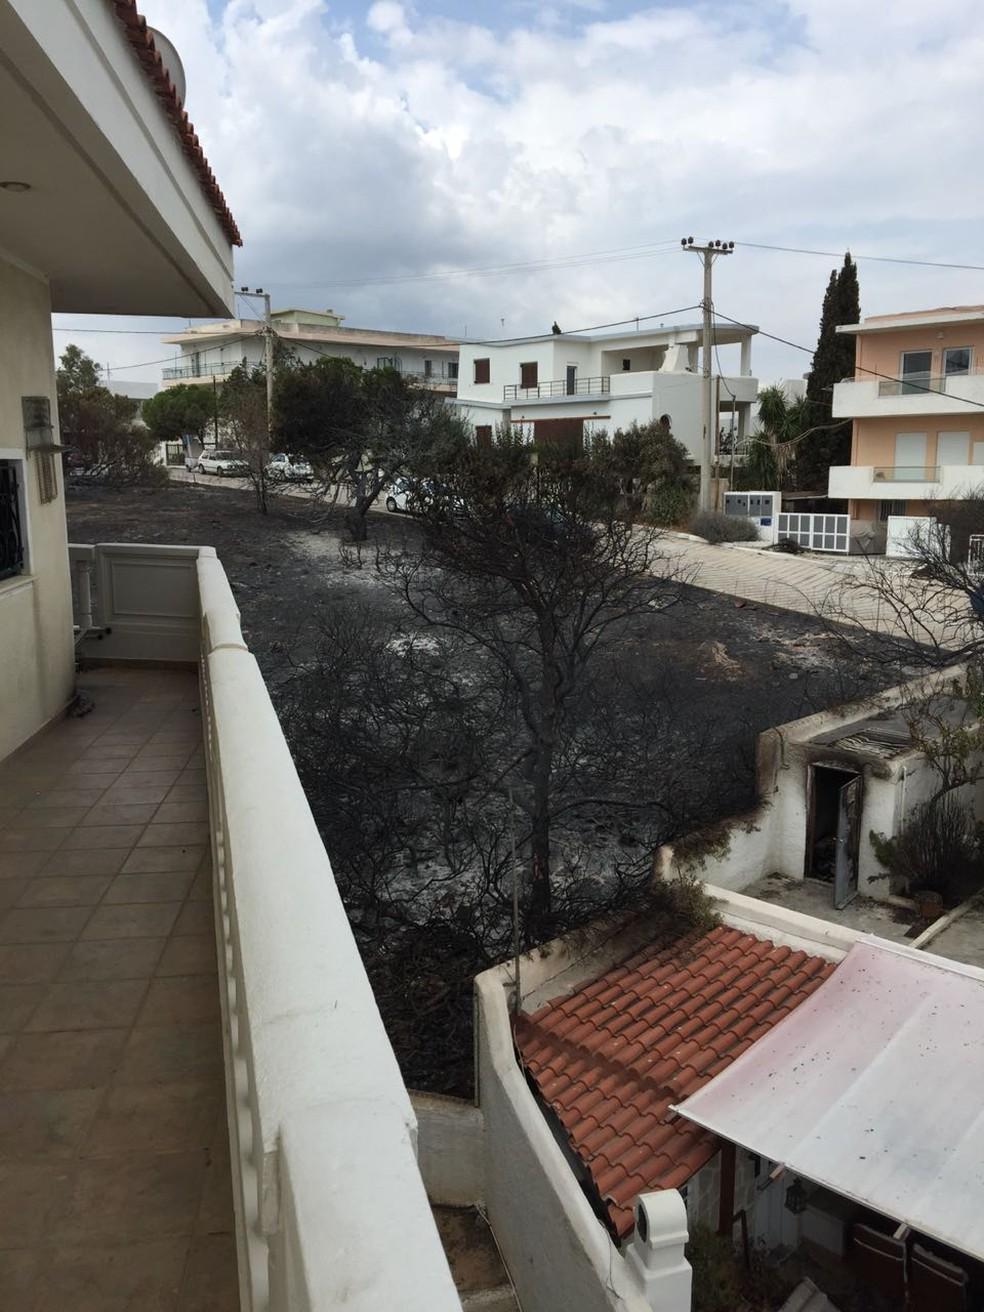 Prédio em que a brasileira Tuca Oliveira mora na Grécia teve apenas a fachada e a varanda queimadas (Foto: Andreas Stefanakis)